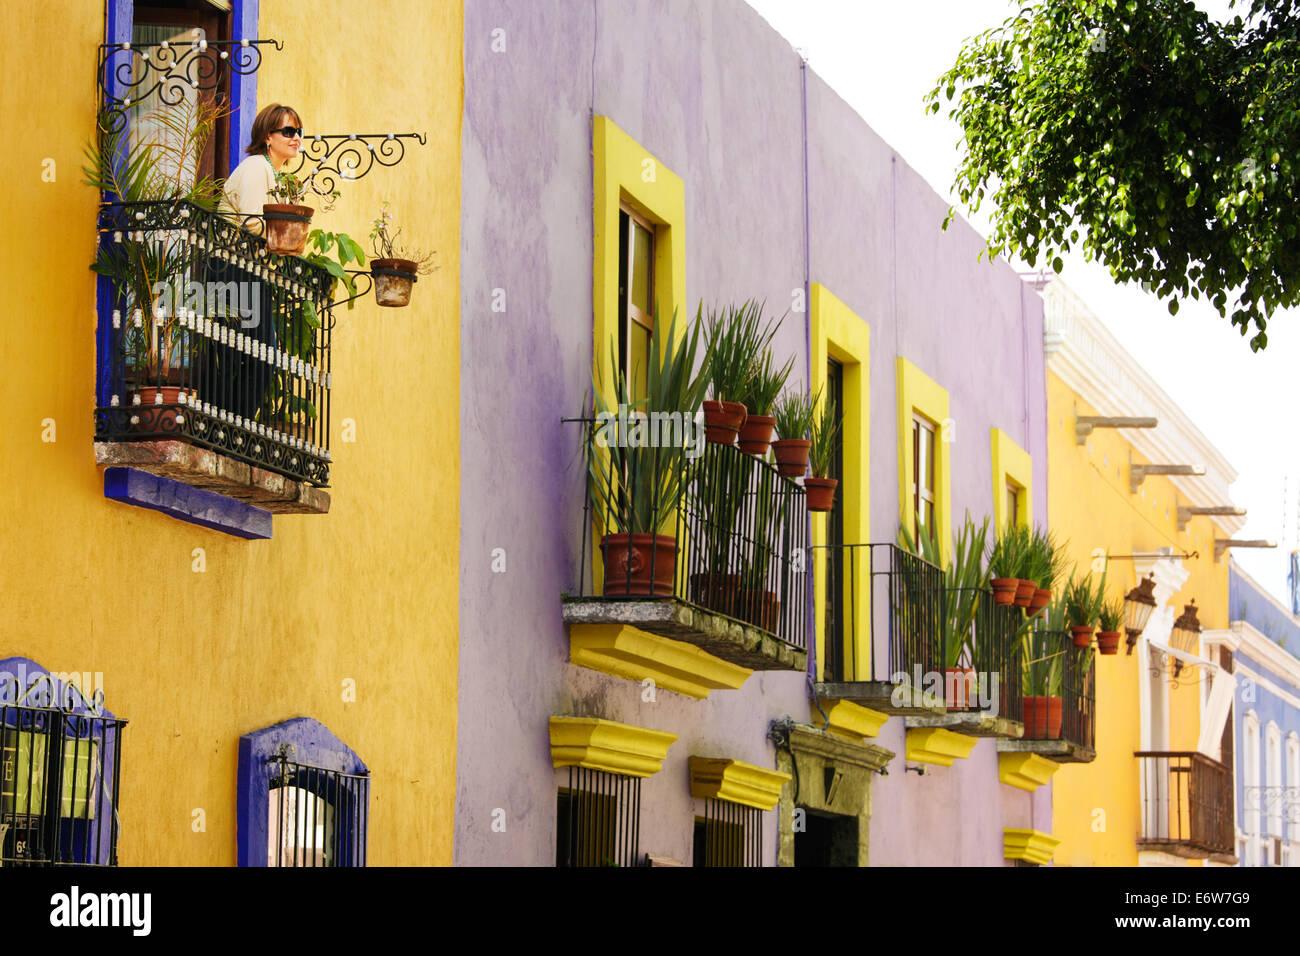 Ein Tourist sieht bei Callejon de Los Sapos, einem bunten Straße in Puebla, Mexiko. Stockbild